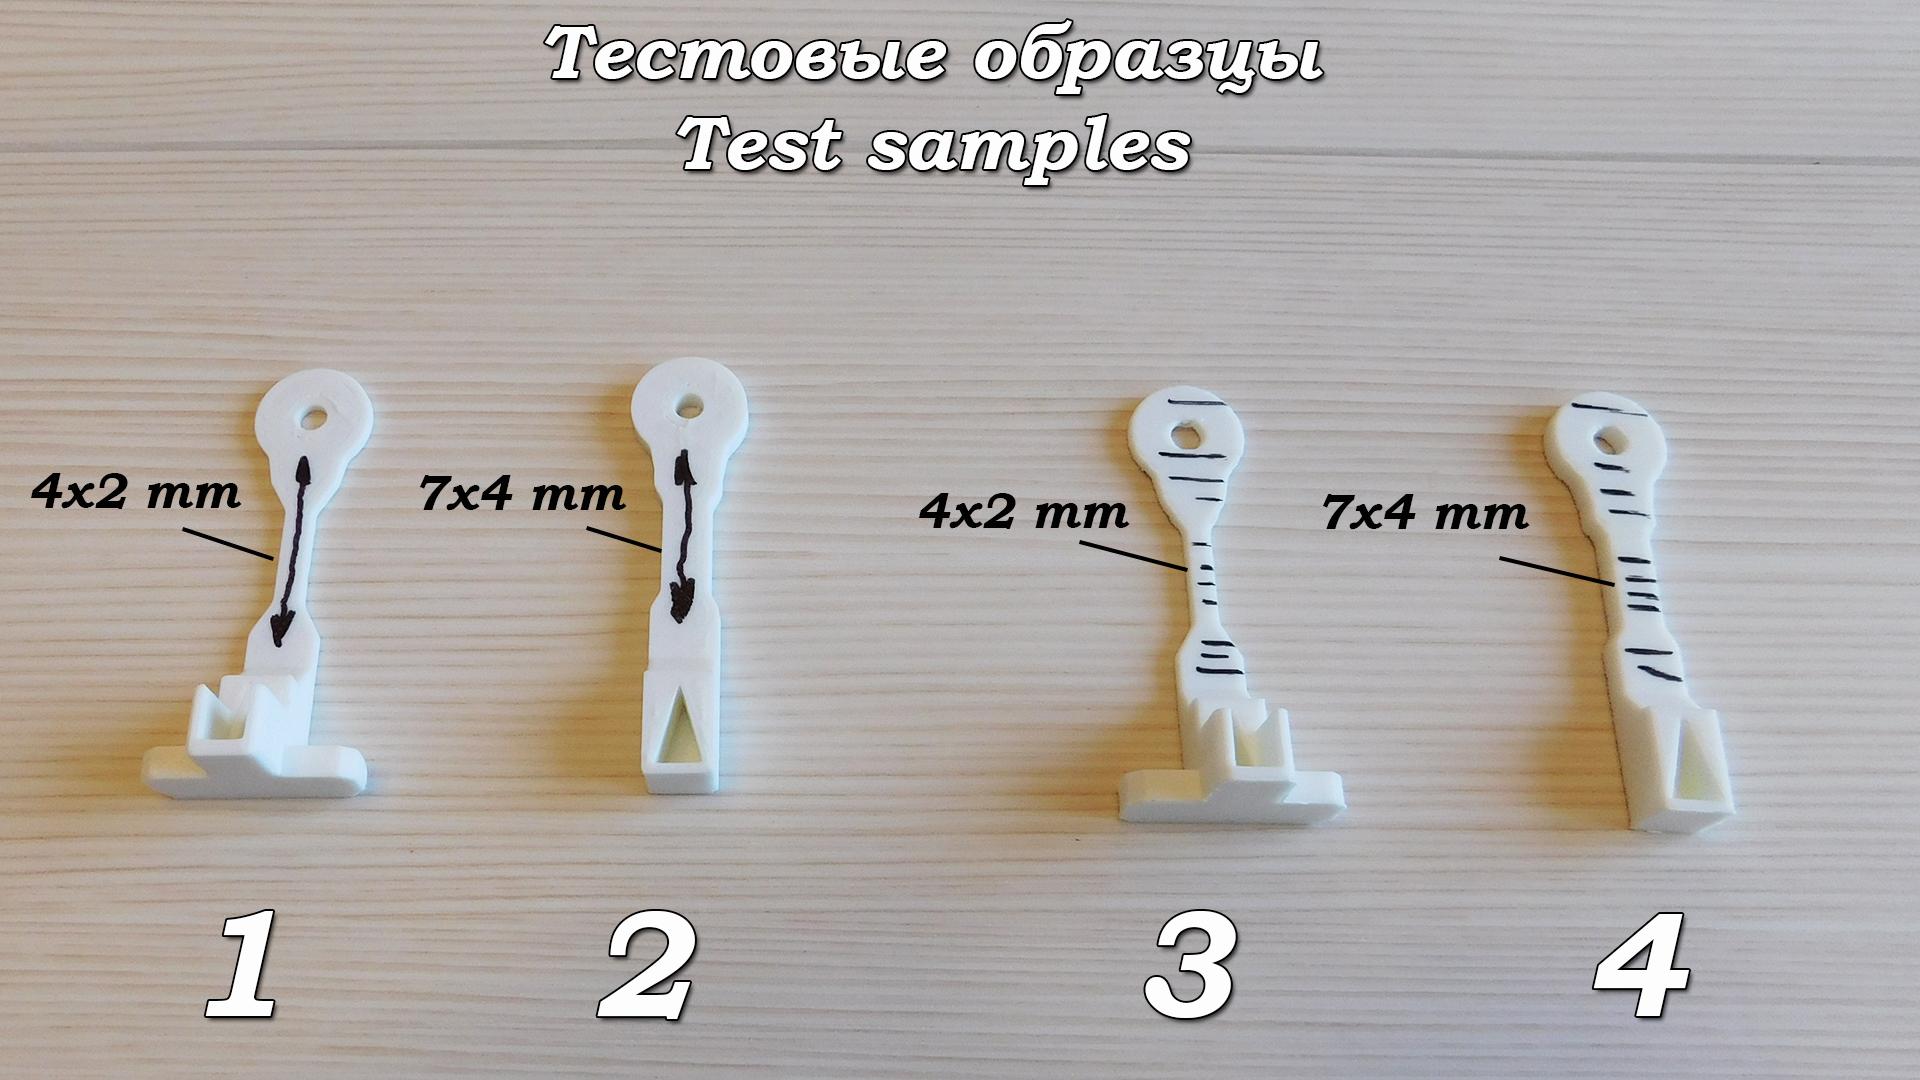 Тестовые образцы